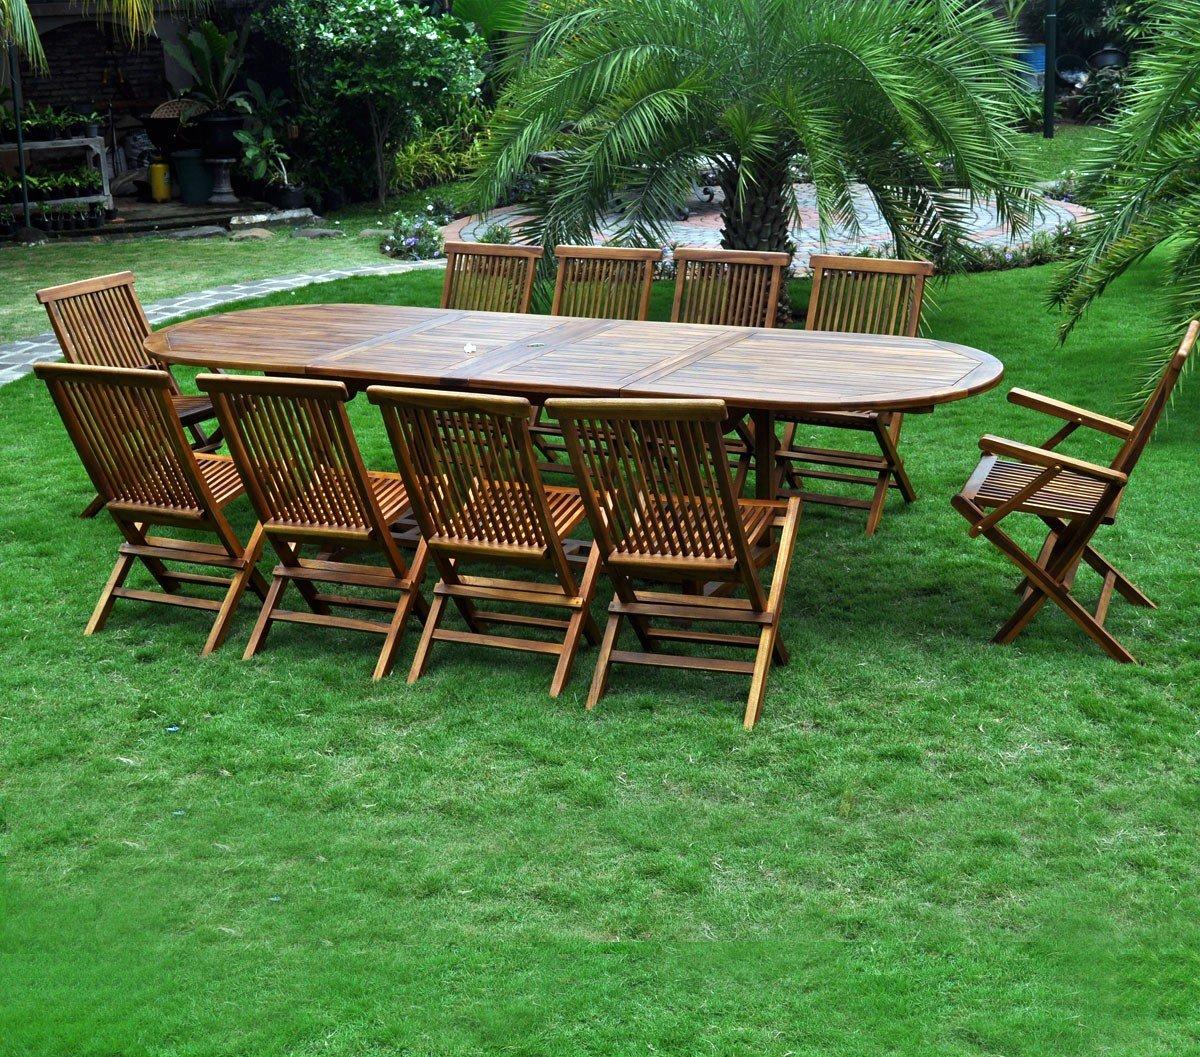 Salon de jardin grande taille 10 places en teck massif huilé